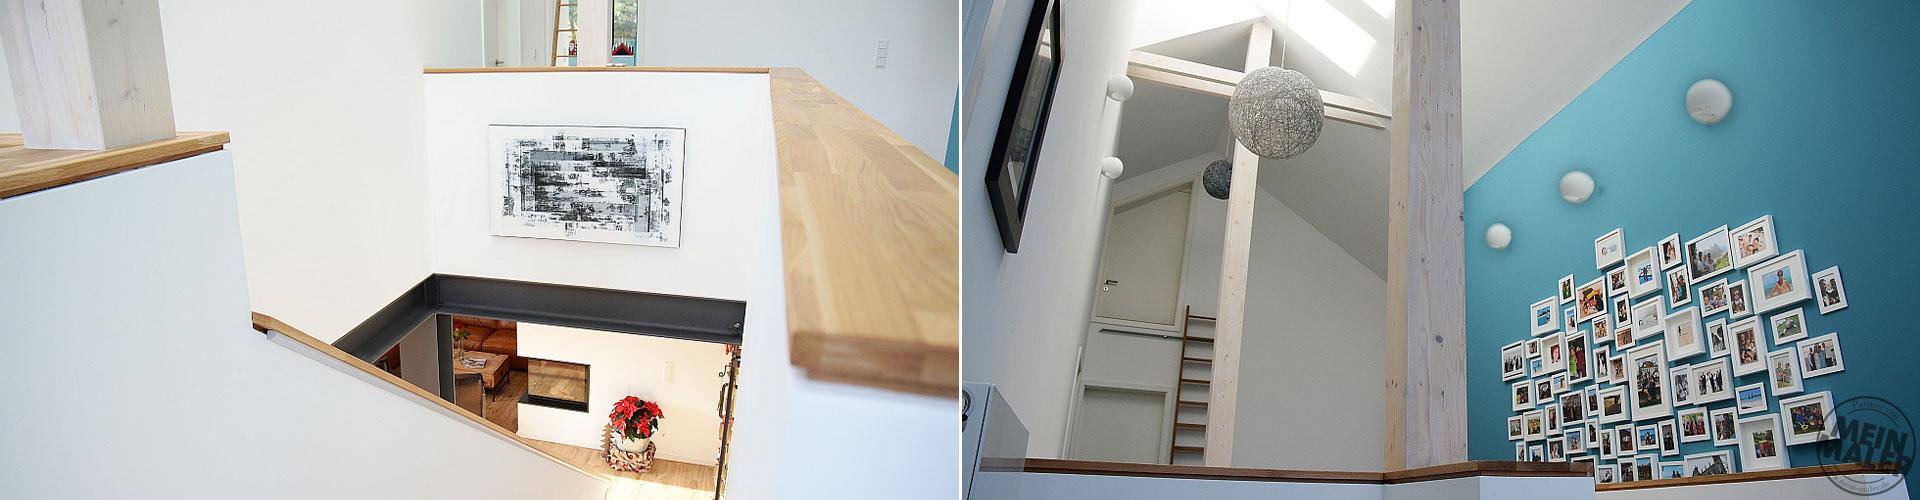 Wohnträume: Wohnen, Kochen, Küche, Lifestyle Fläming Malerei - Treuenbrietzen, Potsdam, Luckenwalde, Teltow